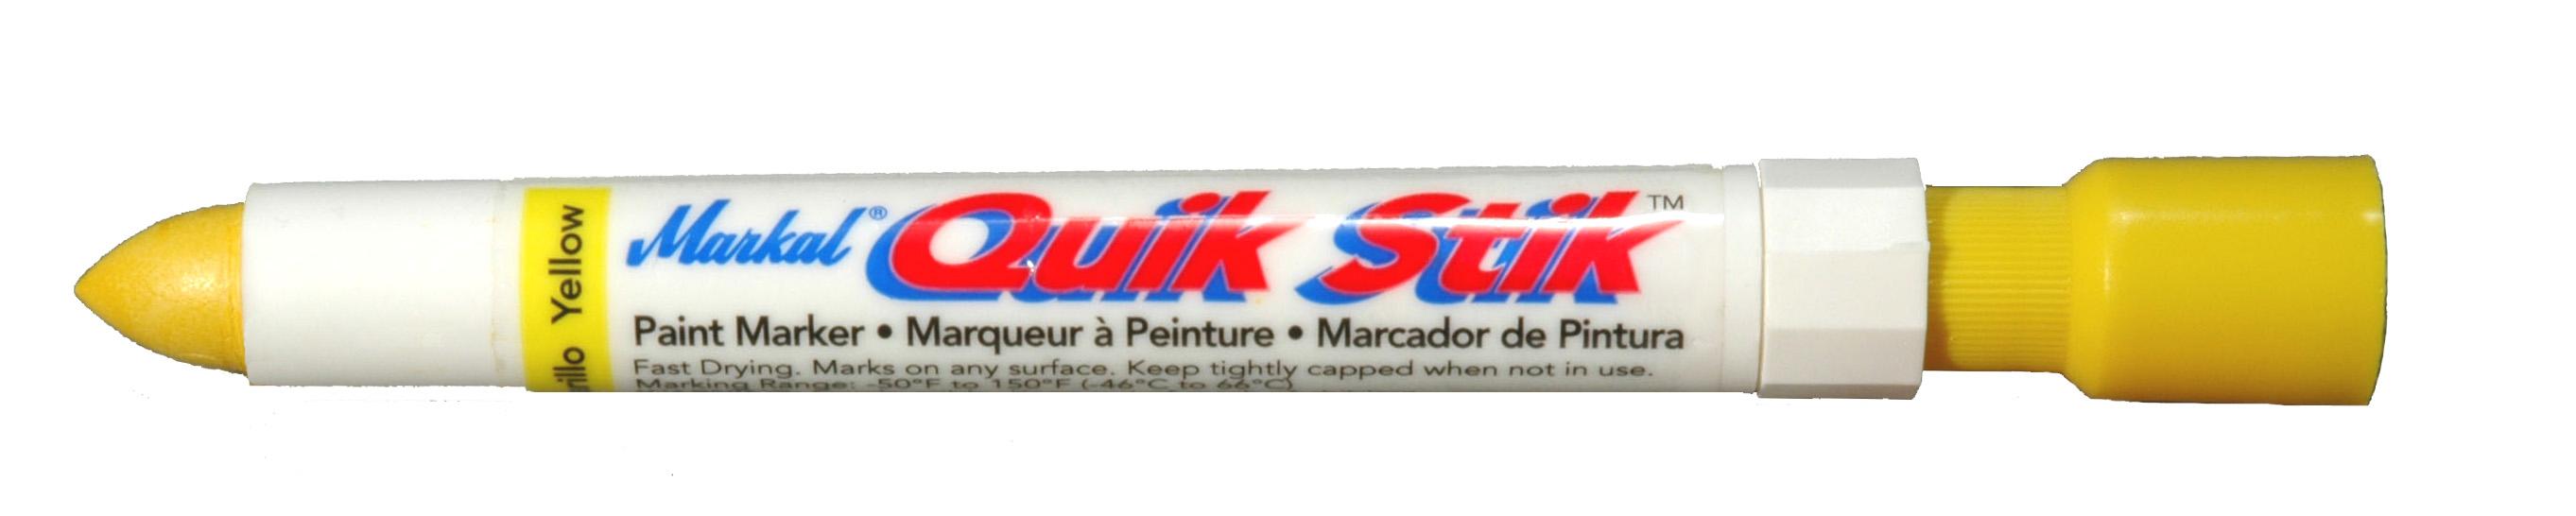 Markal Quik Stik Paint Marker - Black